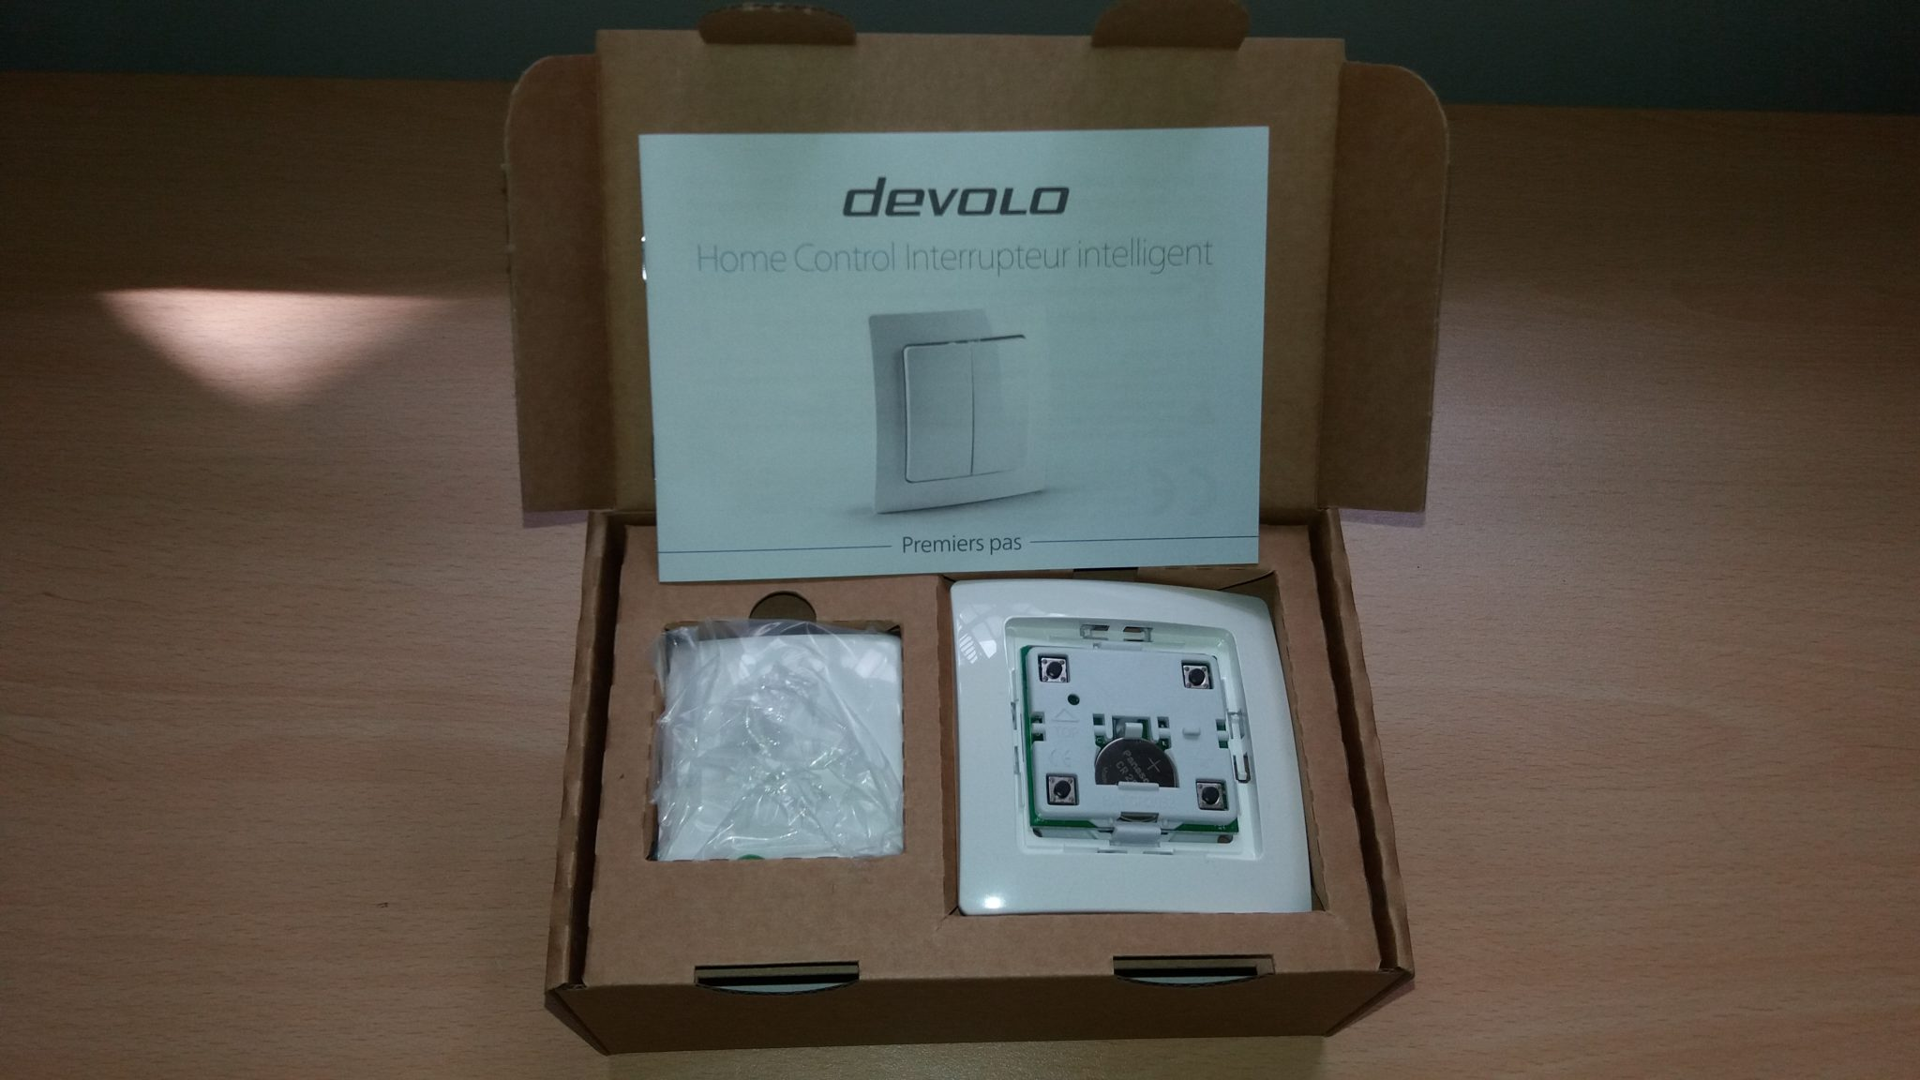 3-1 Présentation et test de l'interrupteur intelligent Home Control Devolo